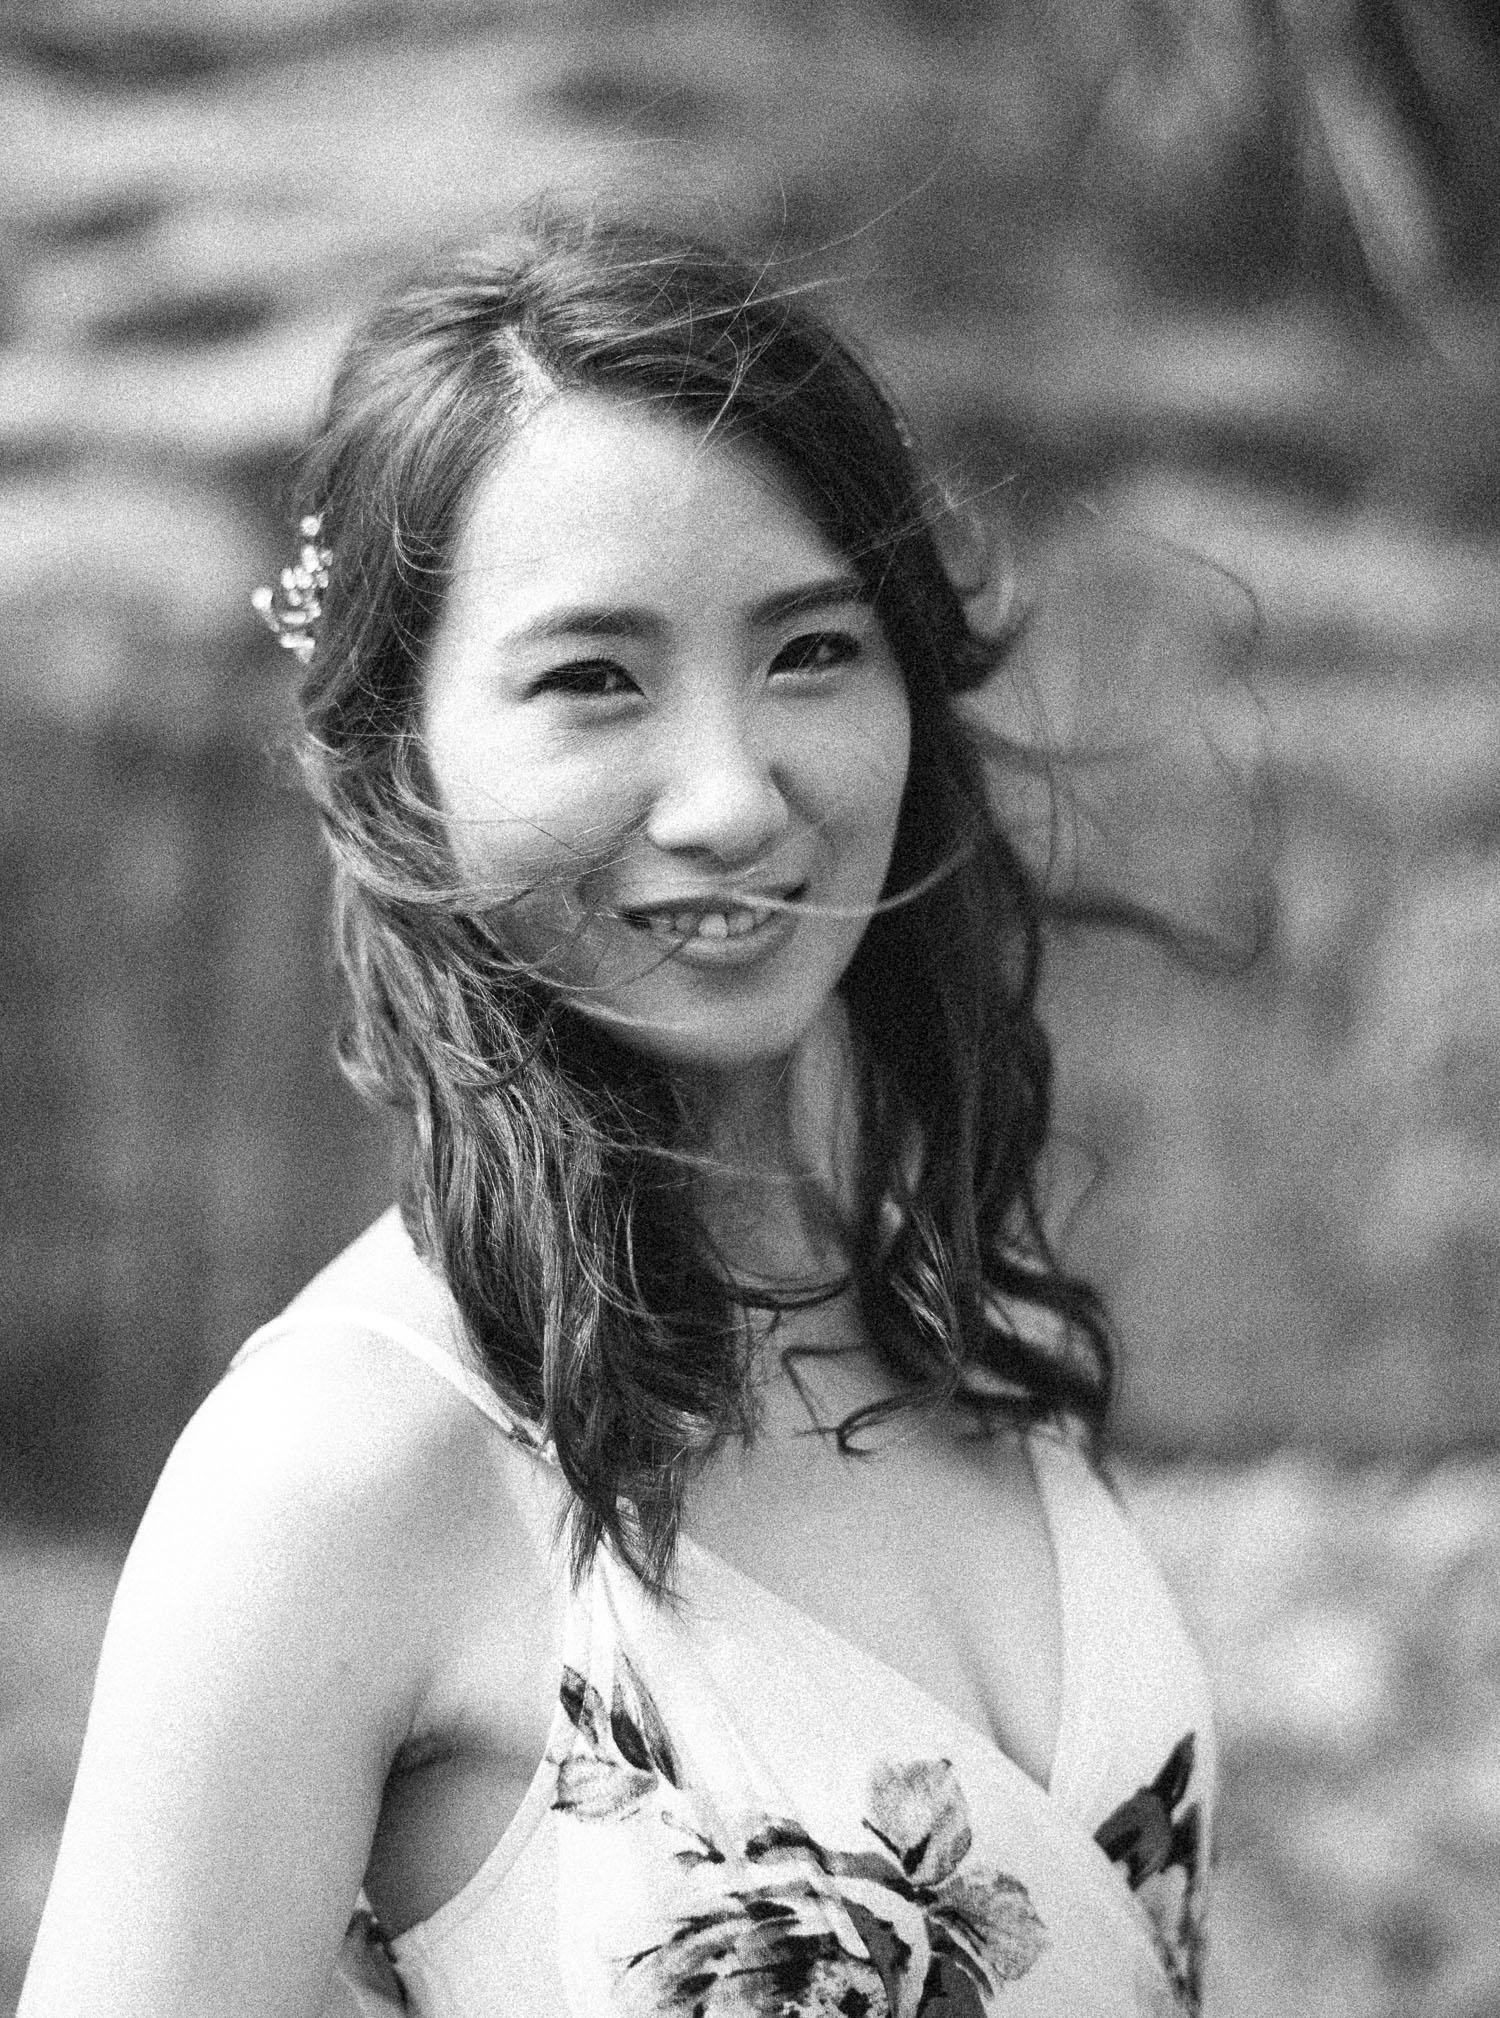 林口大峽谷便服婚紗-Mark-情感-互動-底片-攝影